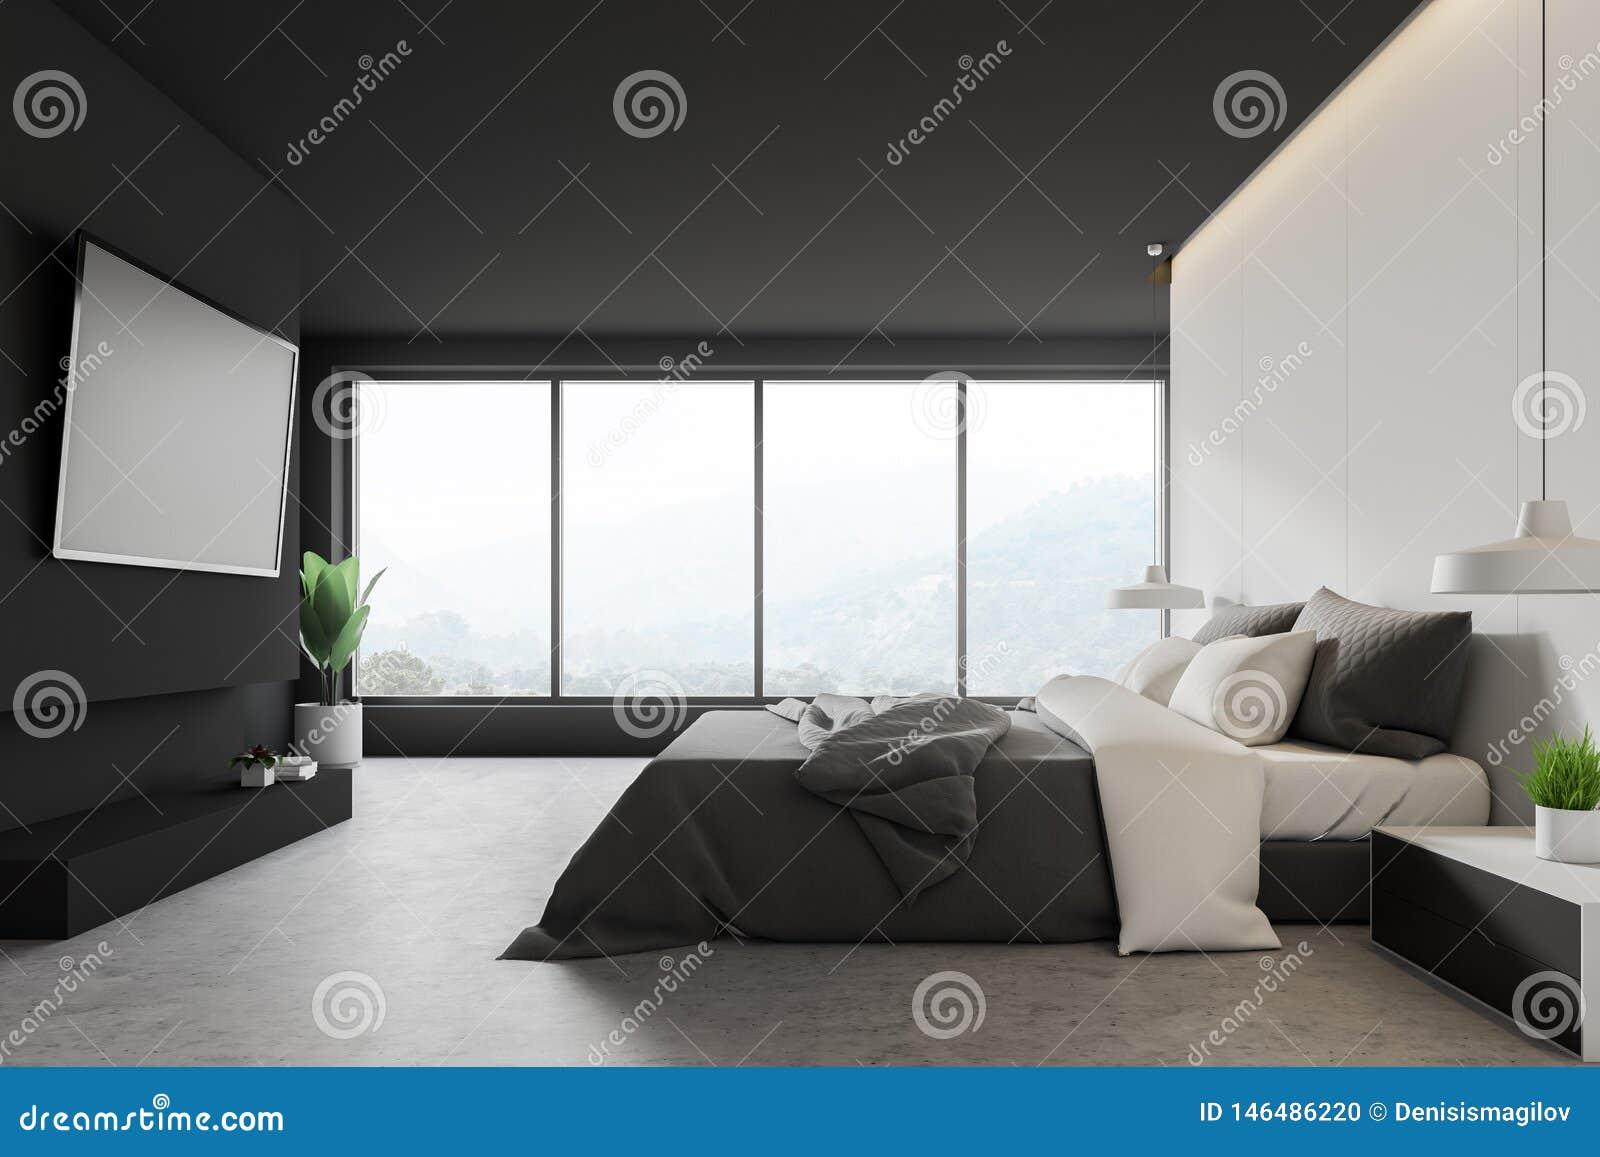 Weißes und graues Schlafzimmer mit Fernsehen